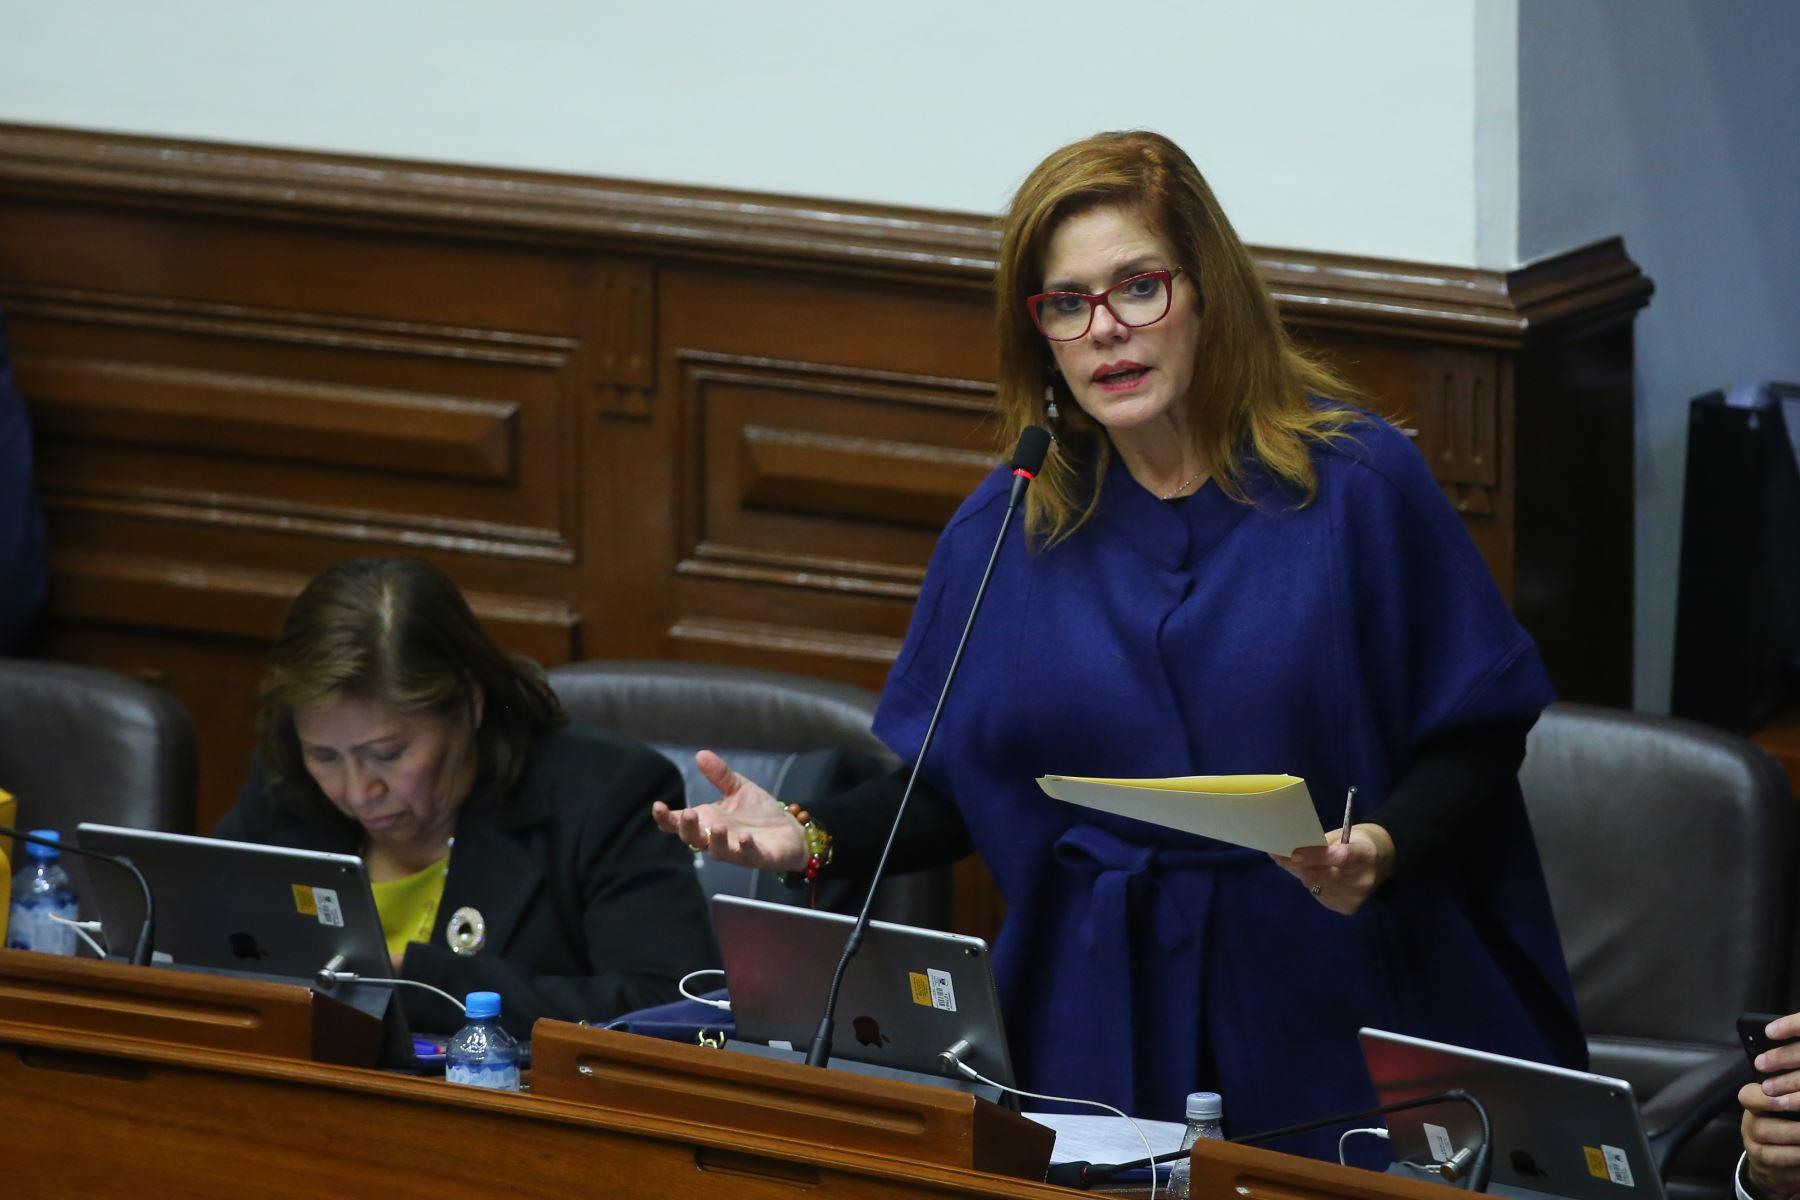 Congresista Mercedes Araoz  interviene en el debate sobre la cuestión de confianza en el Congreso de la República. Foto: ANDINA/Vidal Tarqui